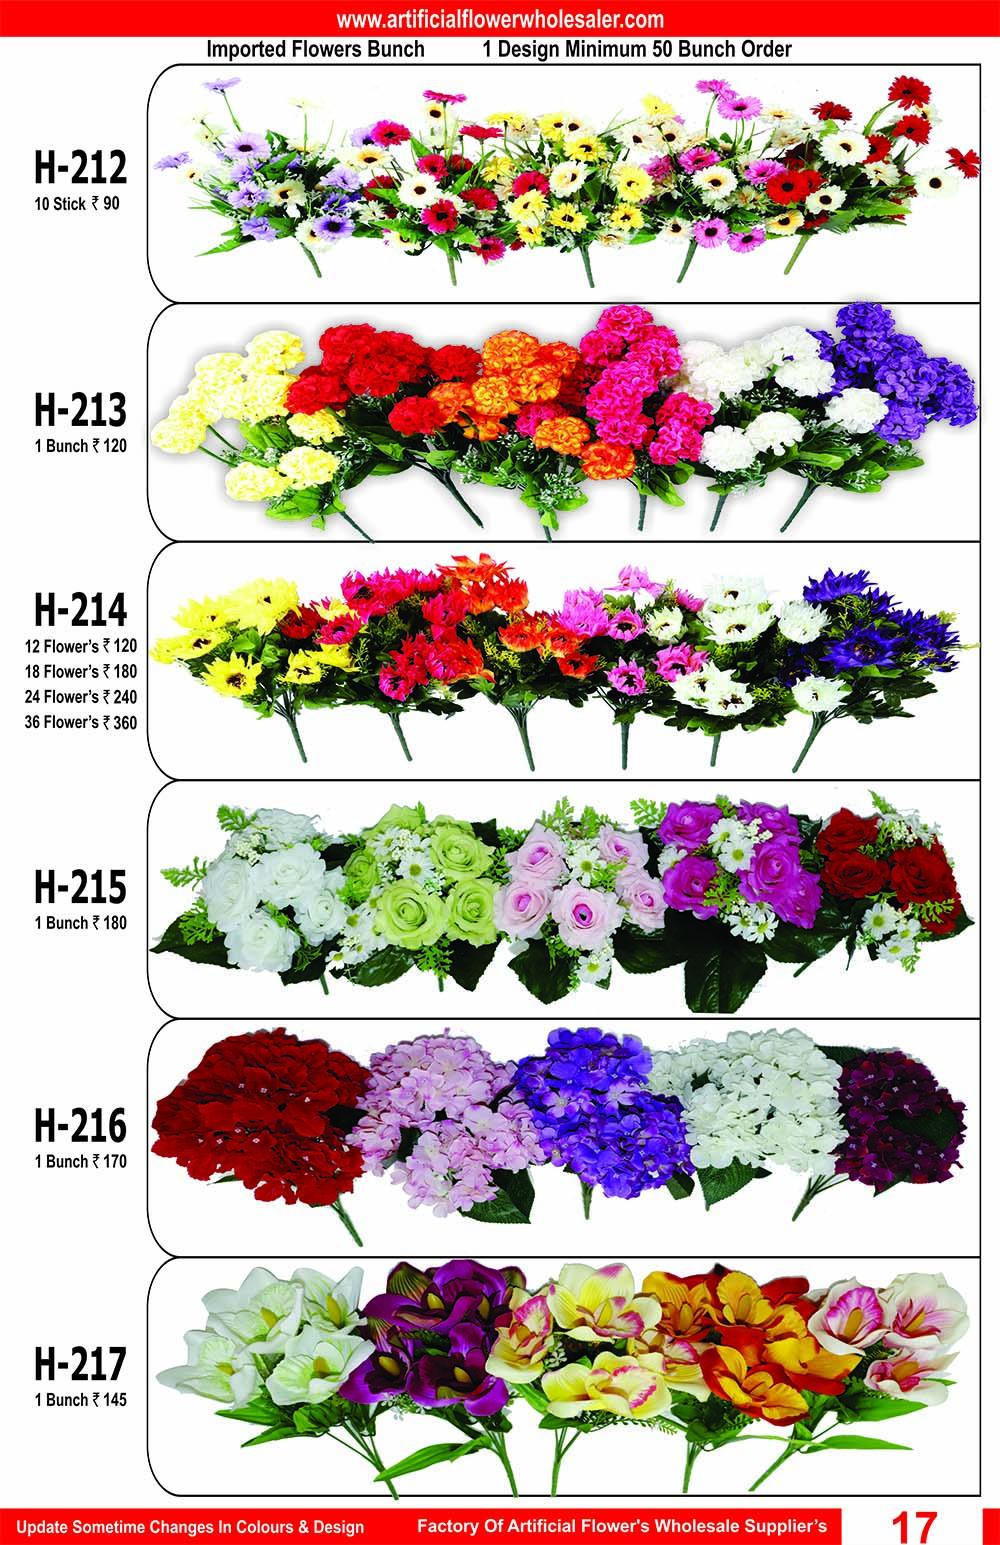 17-artificial-flower-wholesaler